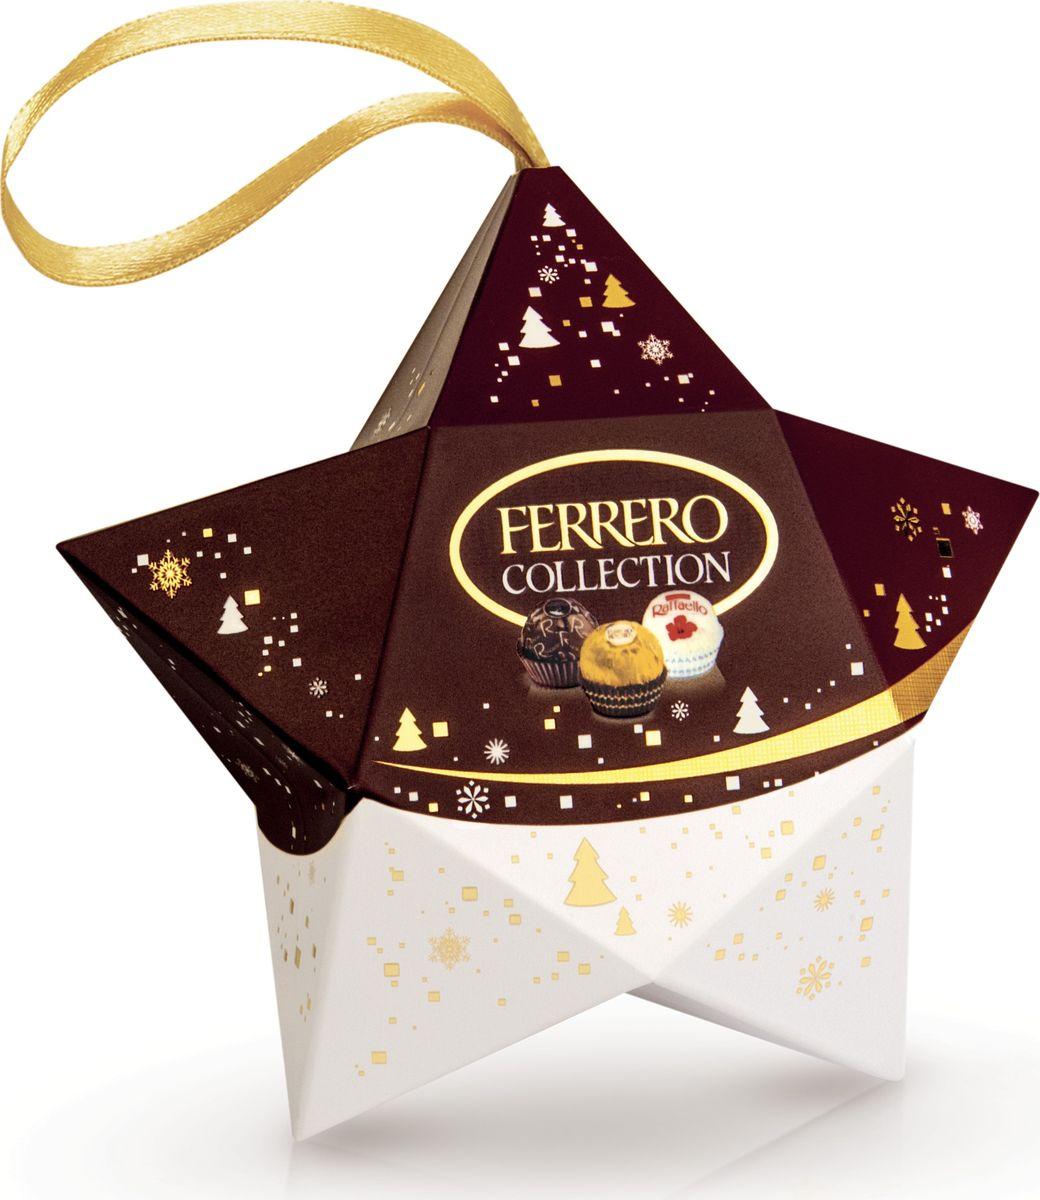 Ferrero Collection набор конфет: Raffaello, Ferrero Rocher, Ferrero Rondnoir, 3 по 12 г80867869Собрание 3 великолепных вкусов Ferrero: сочетание лесного ореха и молочного шоколада в Ferrero Rocher, изысканный рецепт горького шоколада в Ferrero Rondnoir и совершенный вкус миндального ореха в Raffaello.